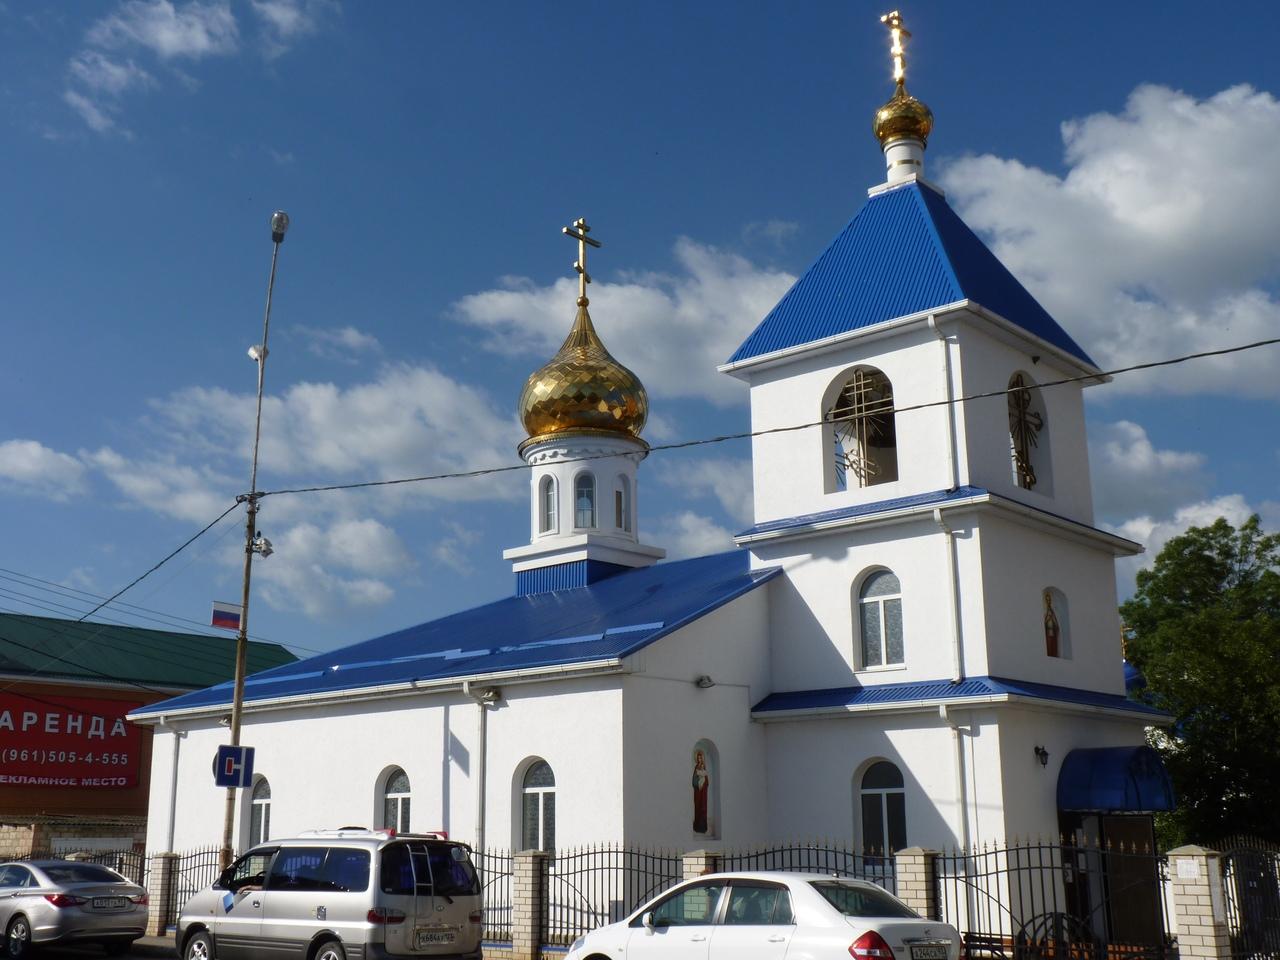 В храме Александра Невского таинства совершаются бесплатно